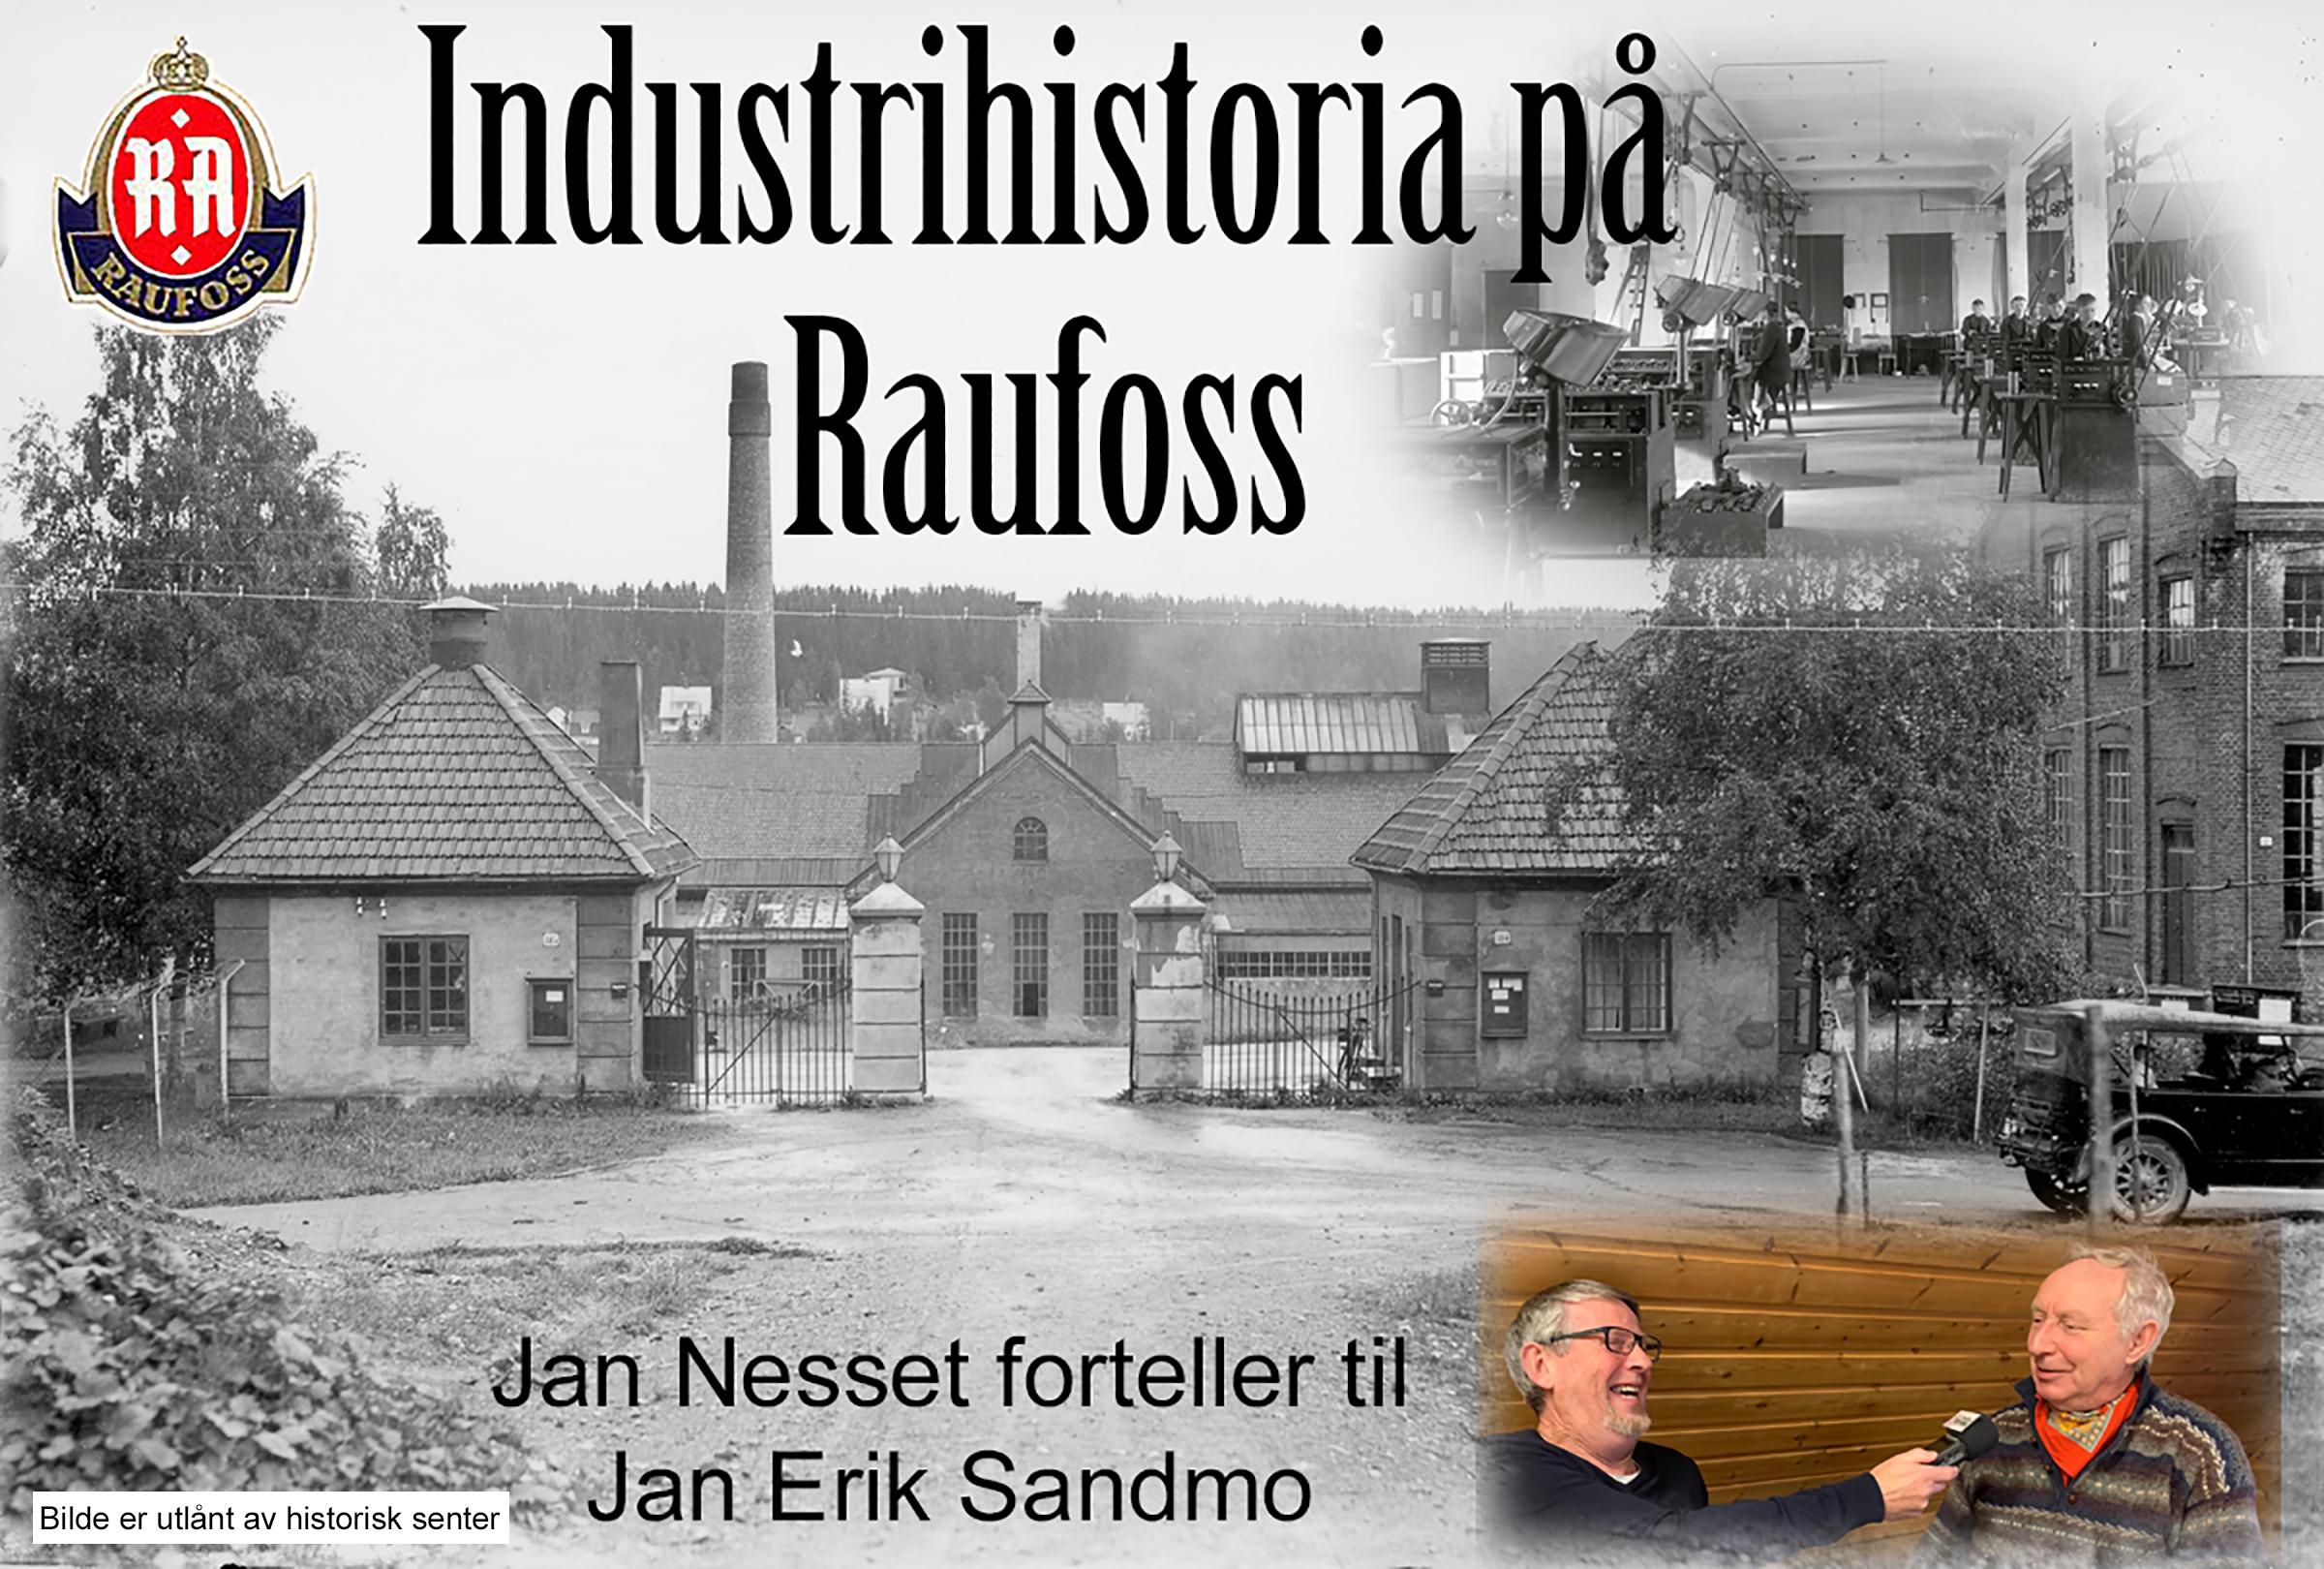 Raufoss annunisjonsfabrikk 1933